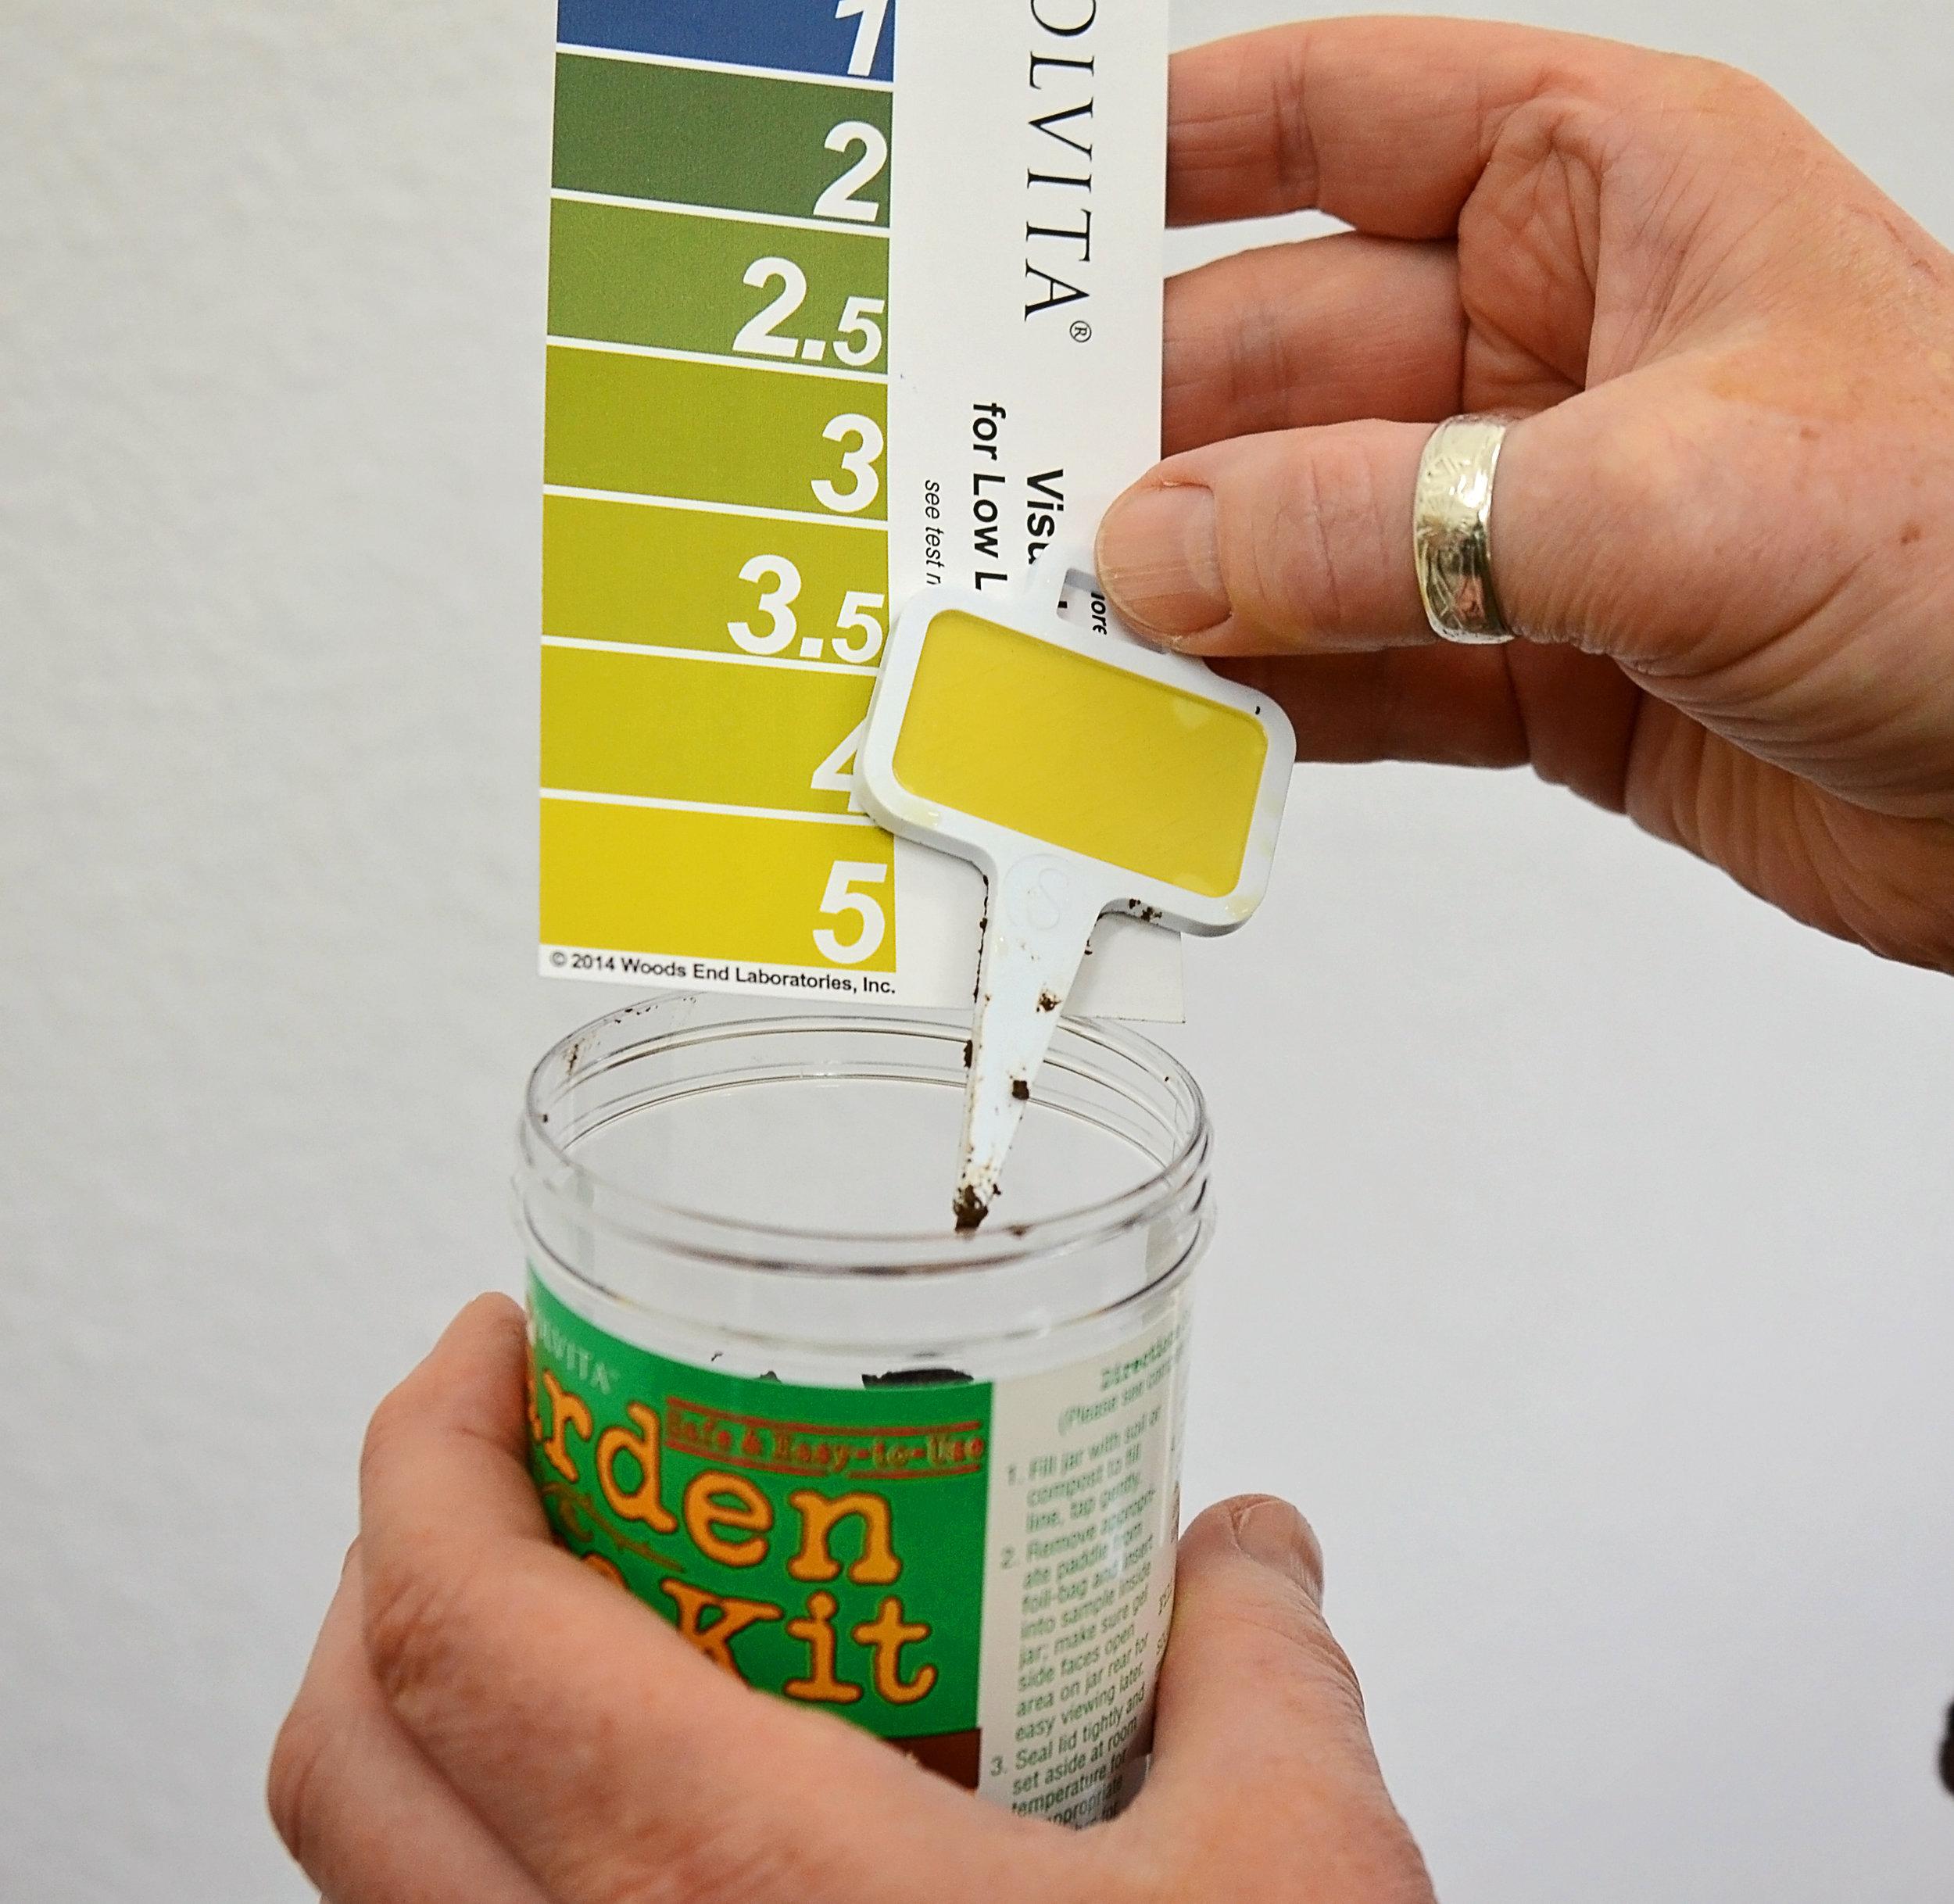 Garden Care Soil/Compost Test Kit